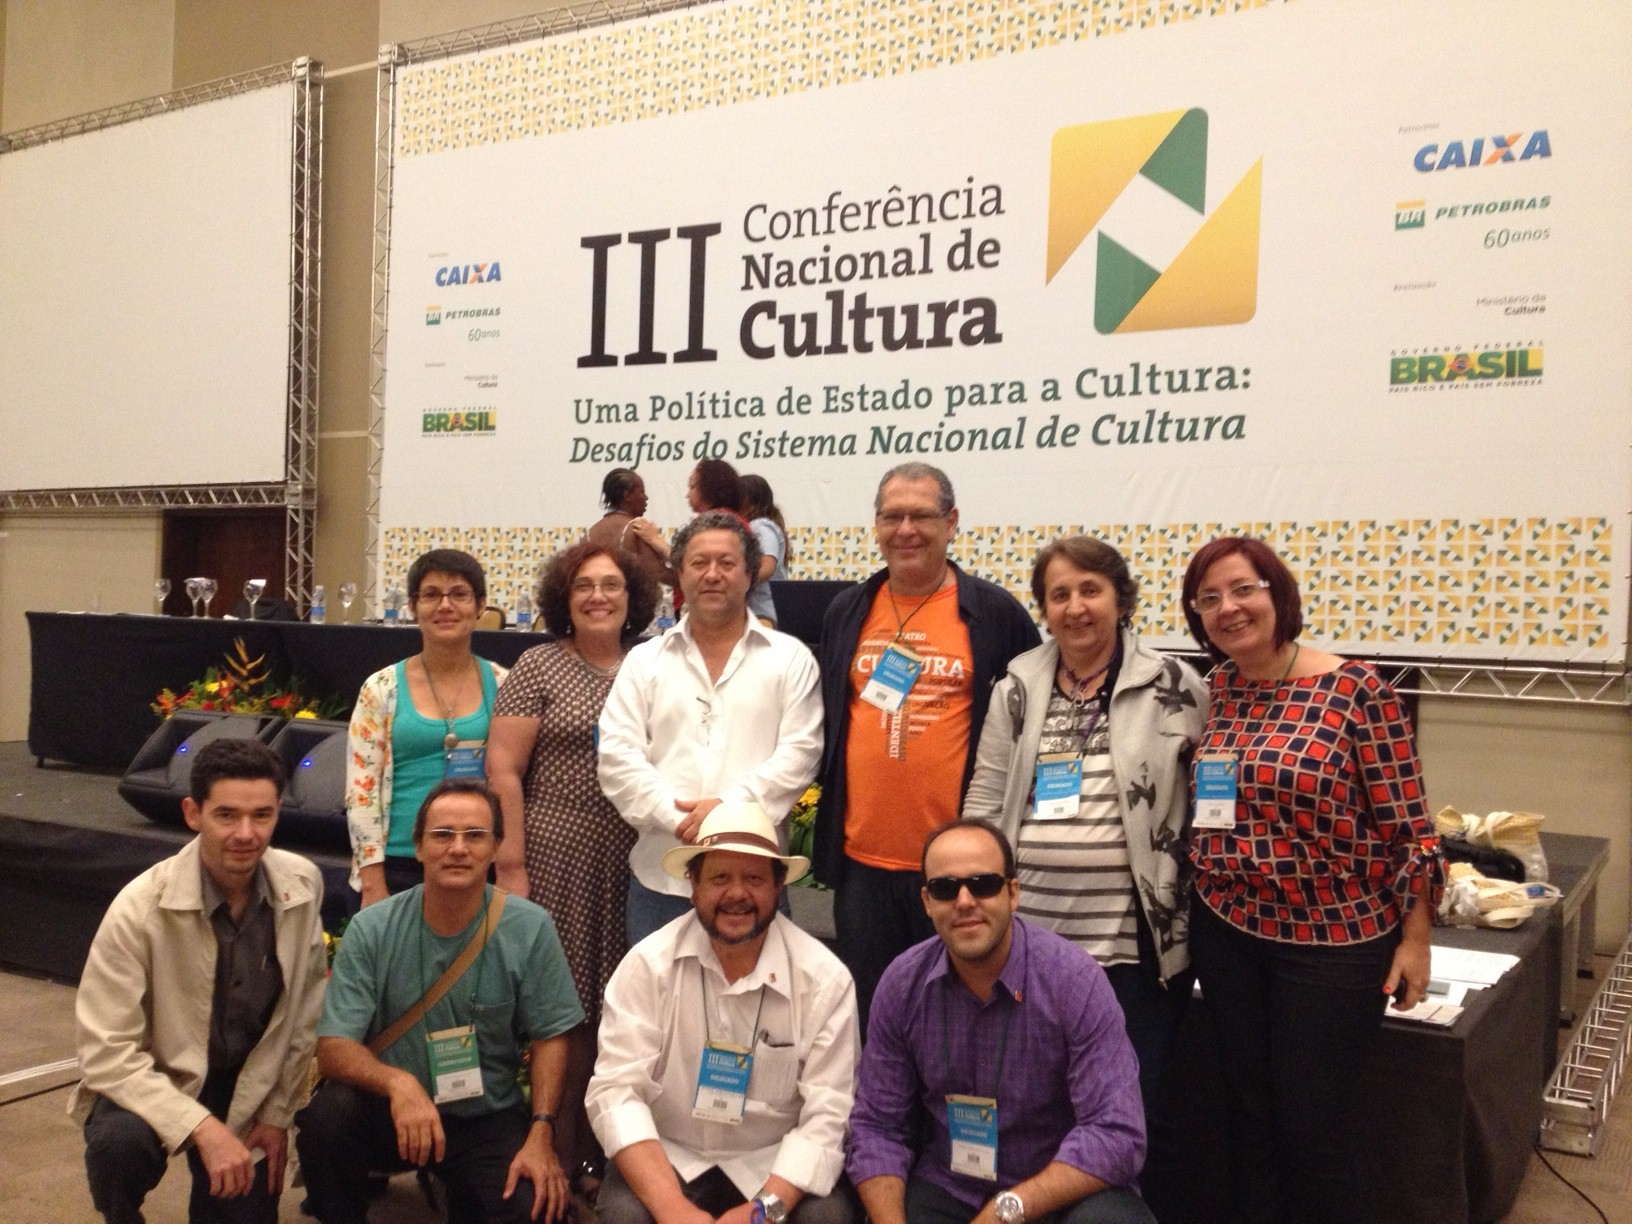 Conferência Nacional de Cultura aprova proposta de concurso público de projetos para novos equipamentos culturais do governo federal